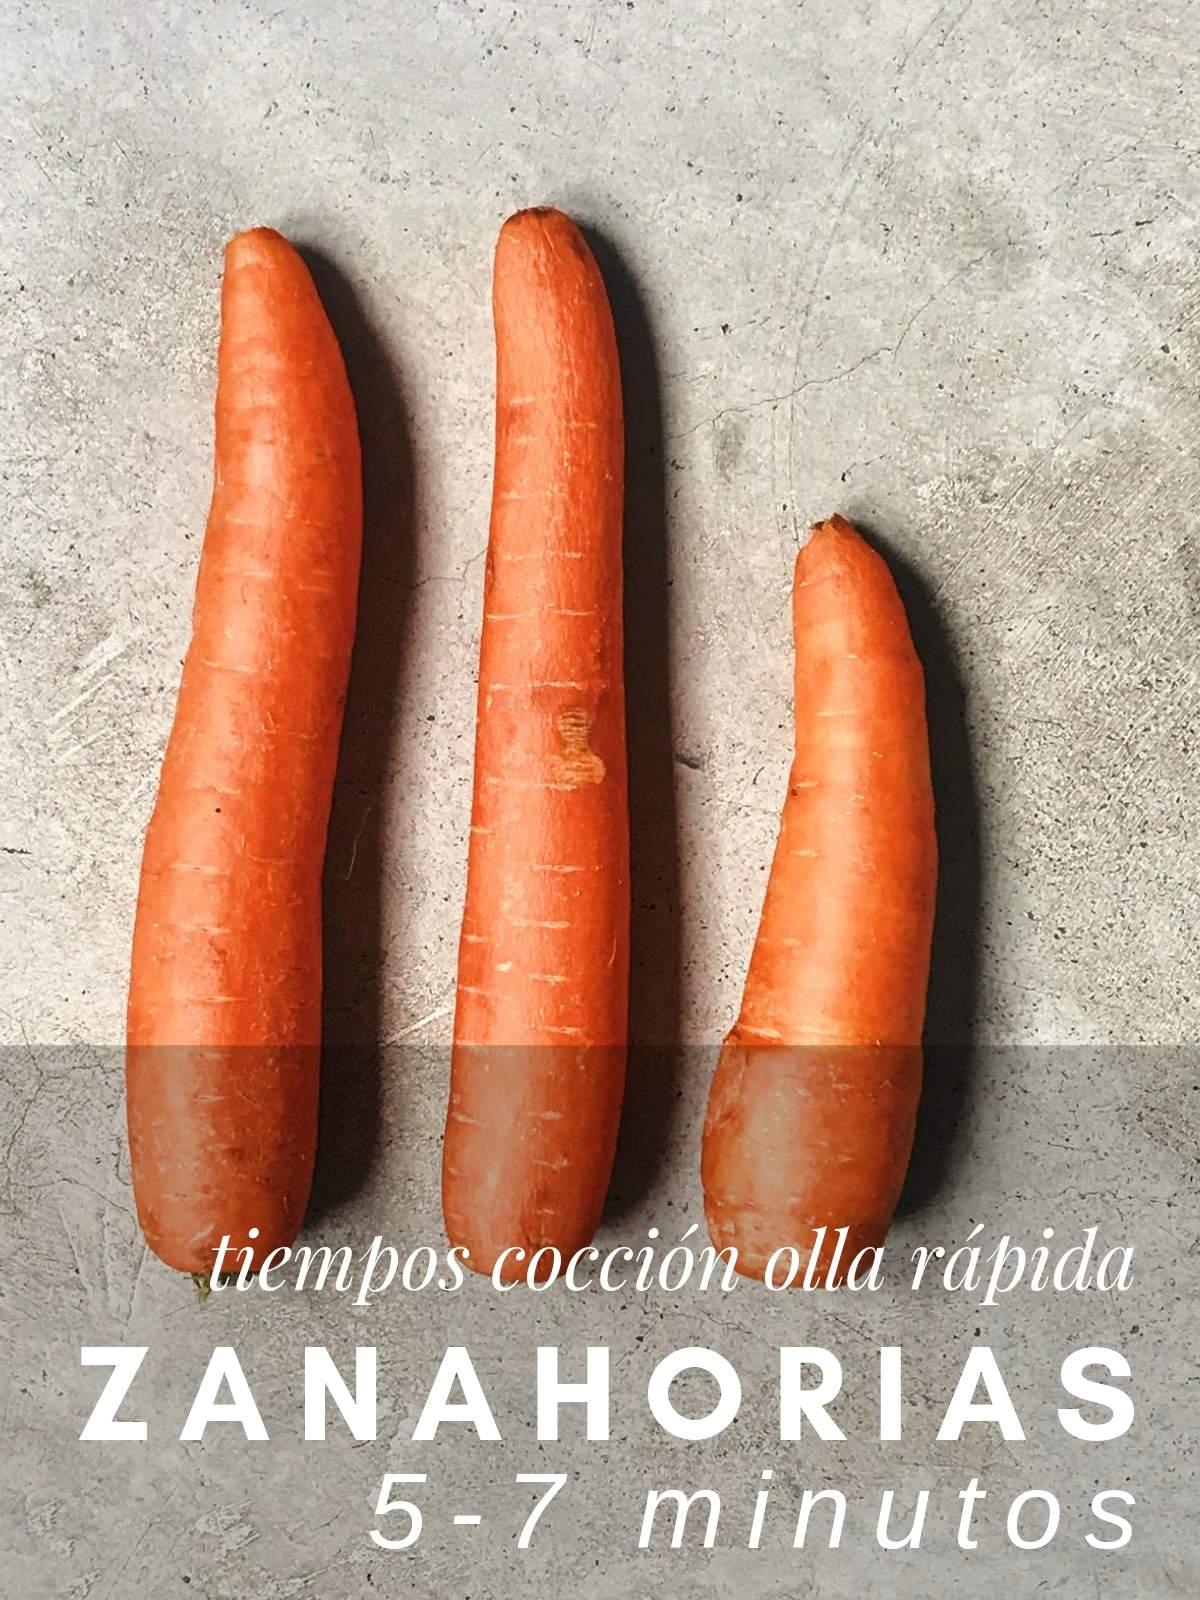 ¿Cuanto tardan las zanahorias en cocer en olla rápida?